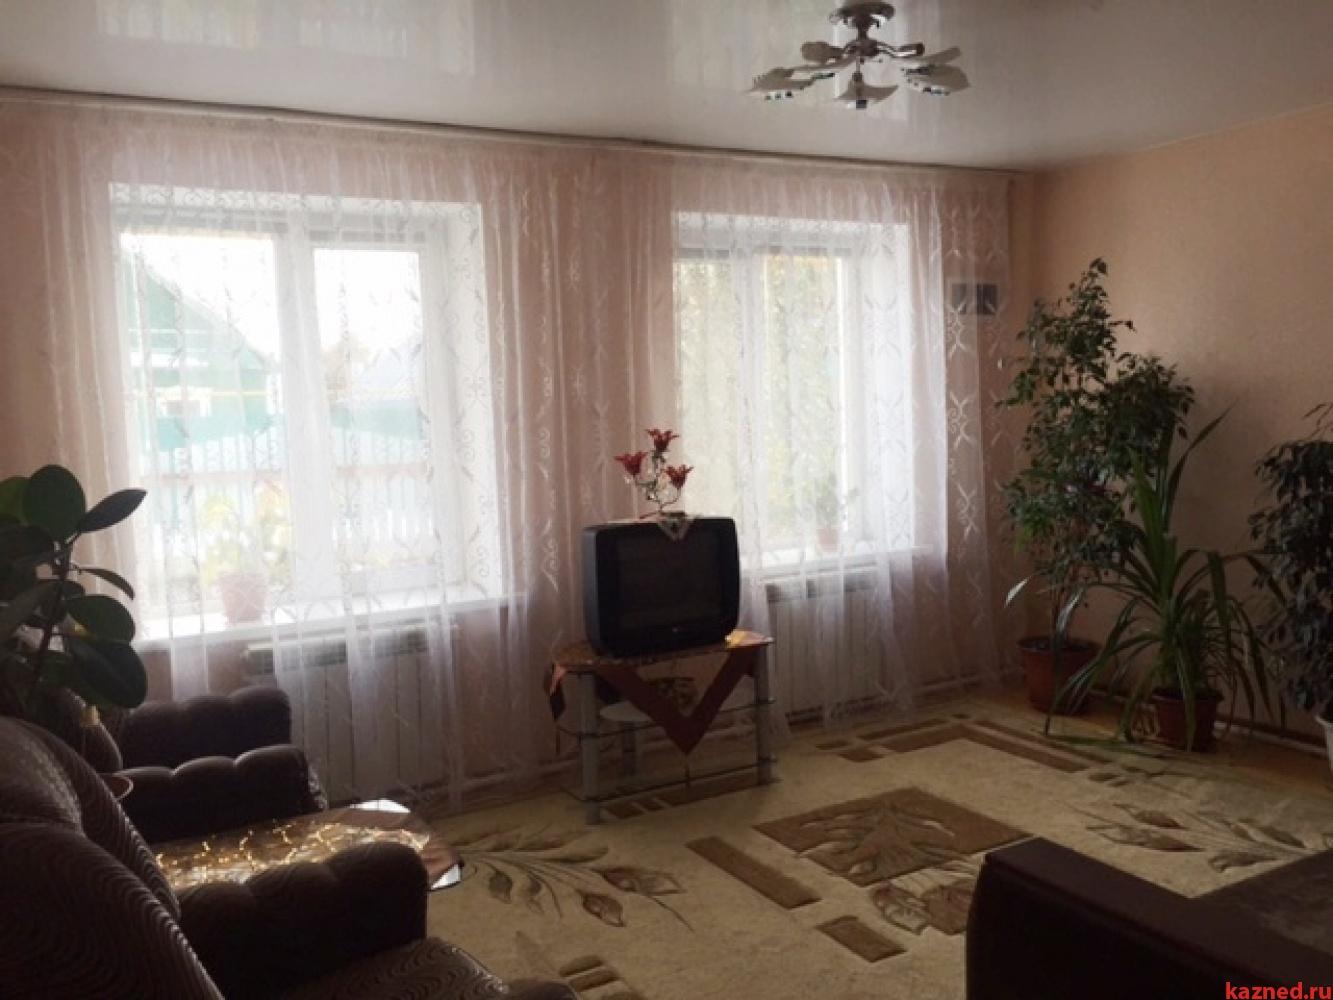 Продажа  Дома пос.Залесный, ул. Варшавская, 115 м2  (миниатюра №4)